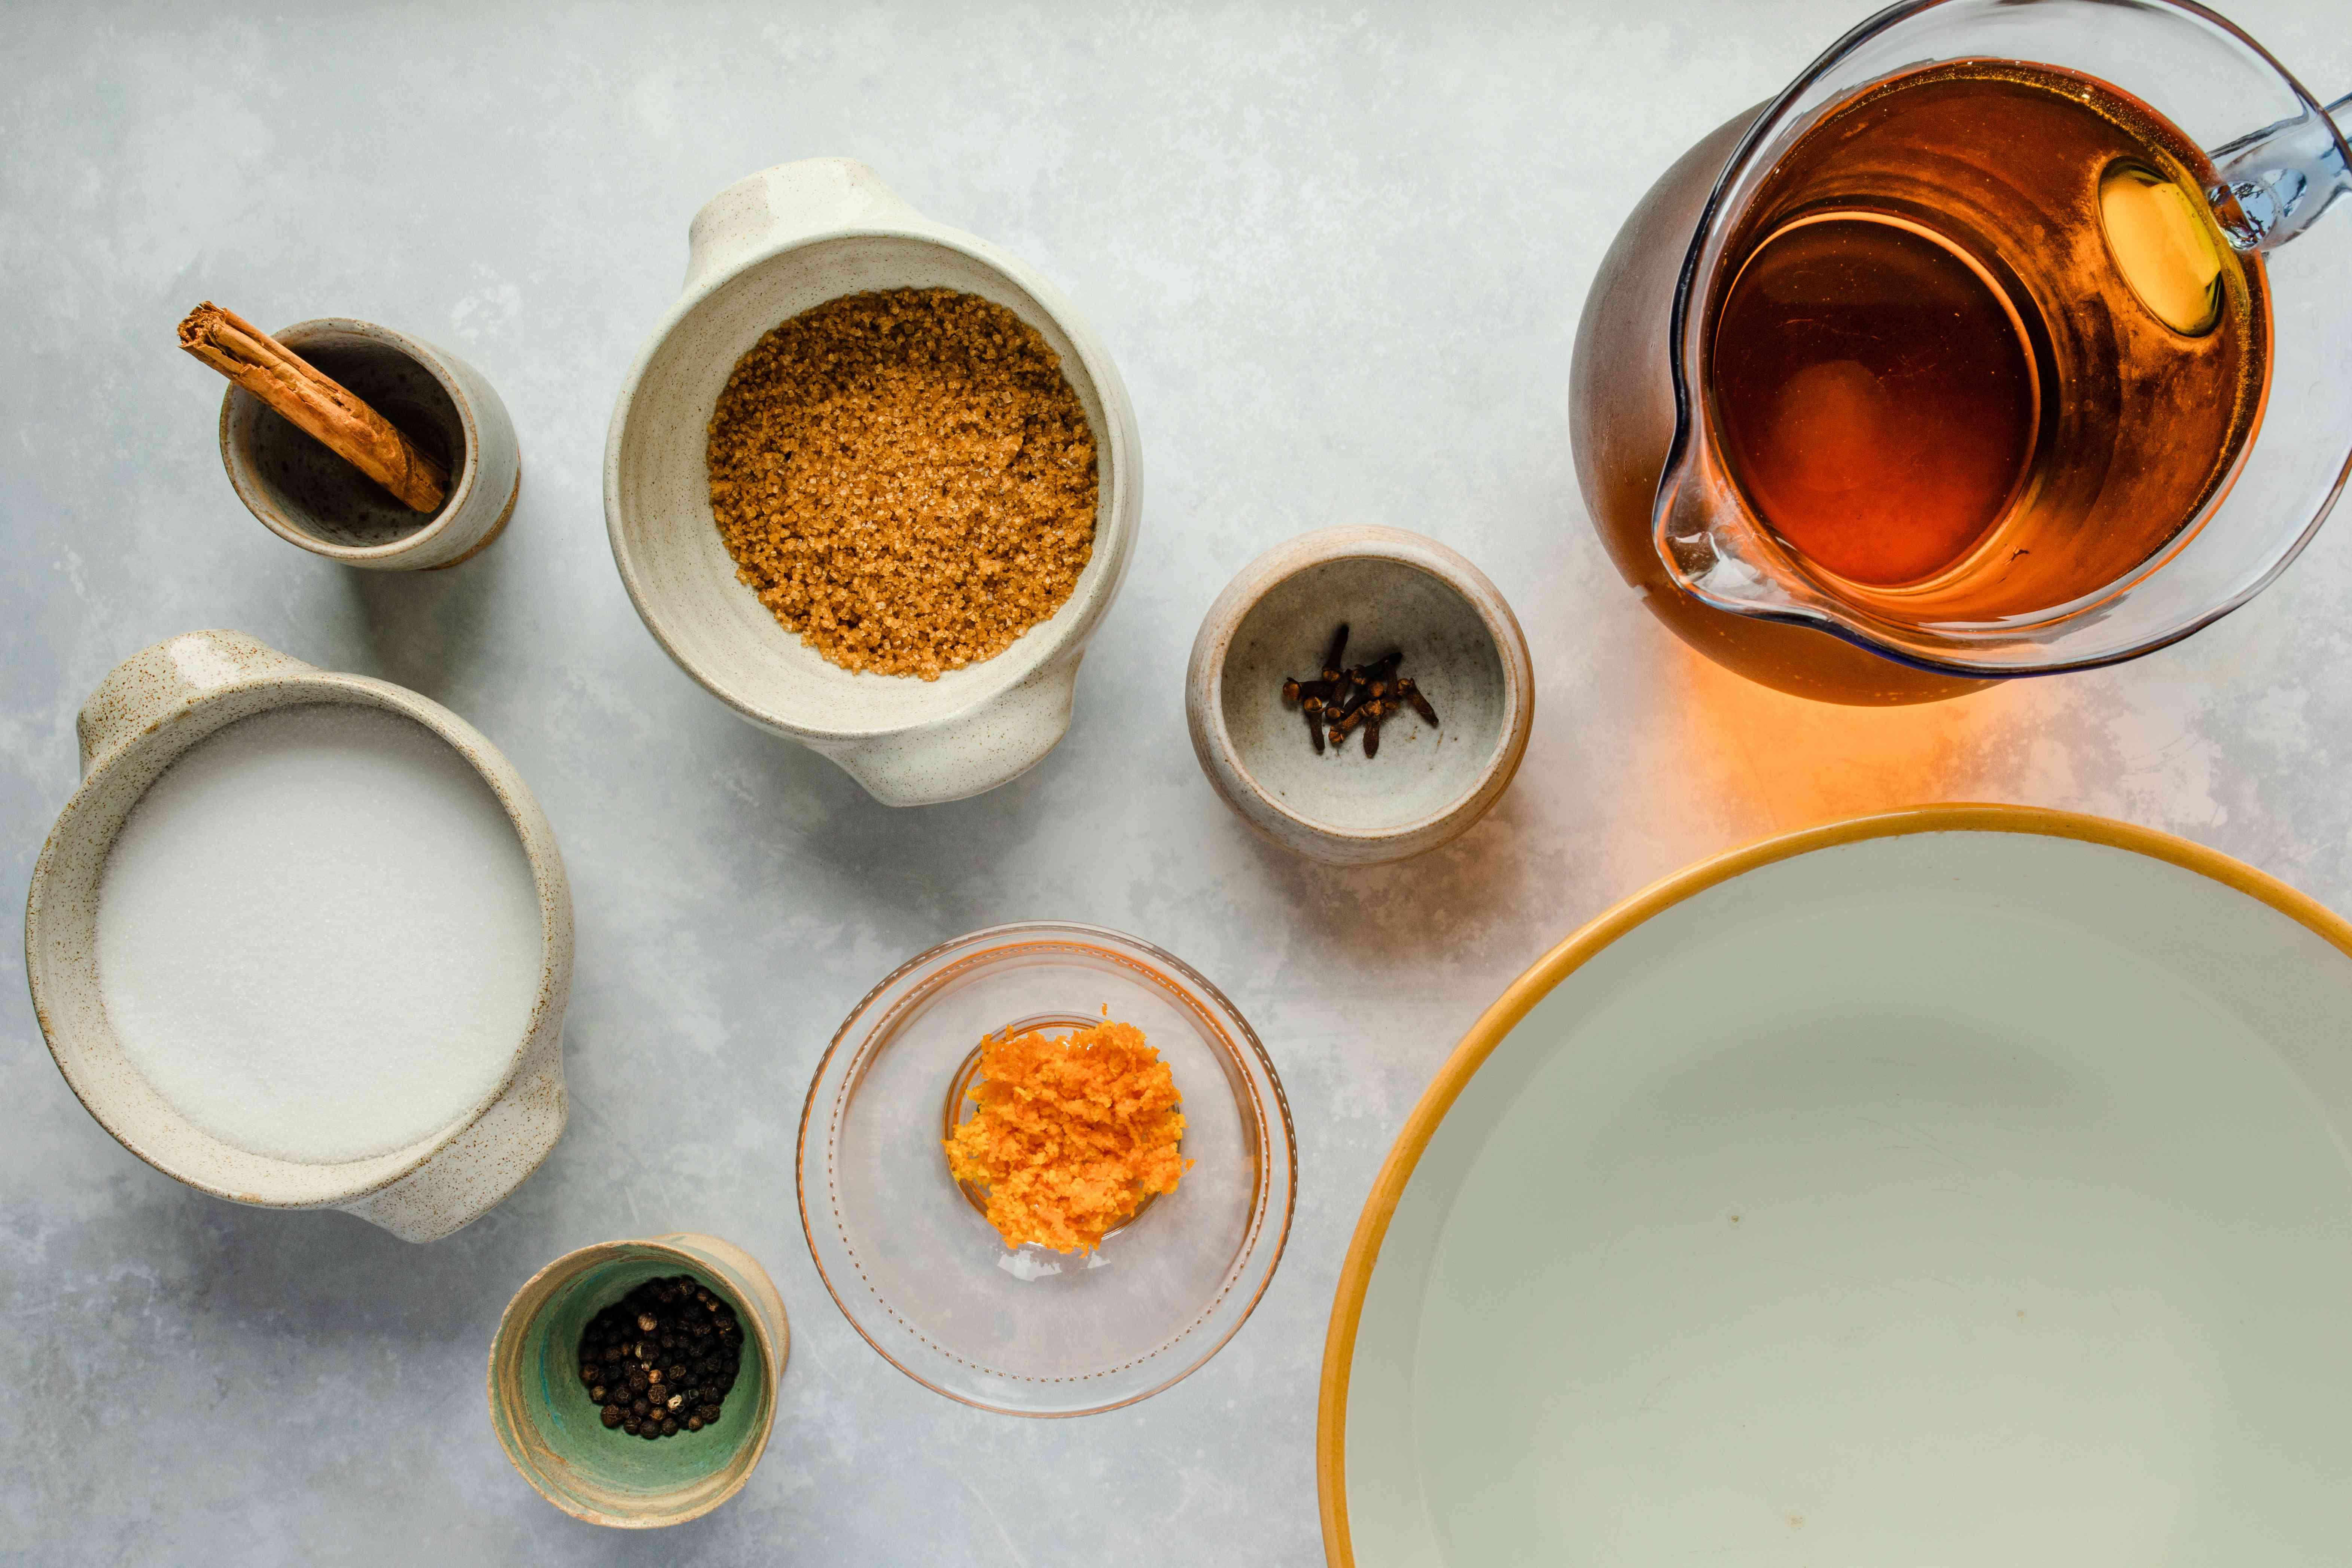 Ingredients for turkey juice brine